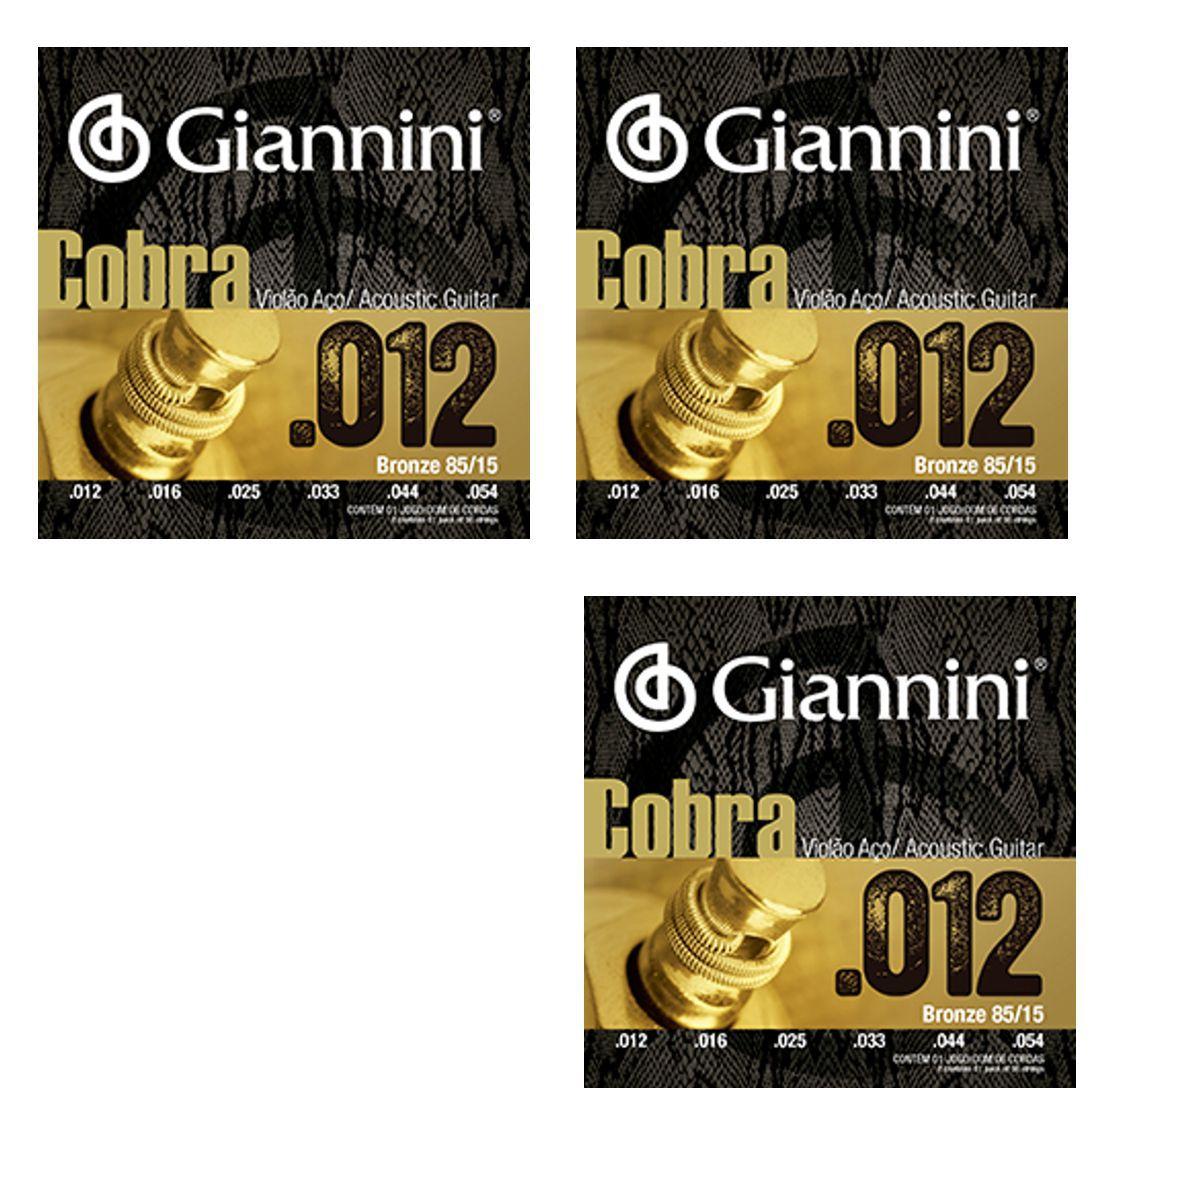 Encordoamento Giannini Violão AÇO Bonze 85/15 Série Cobra .012 GEEFLKS012 - 03 Unidades